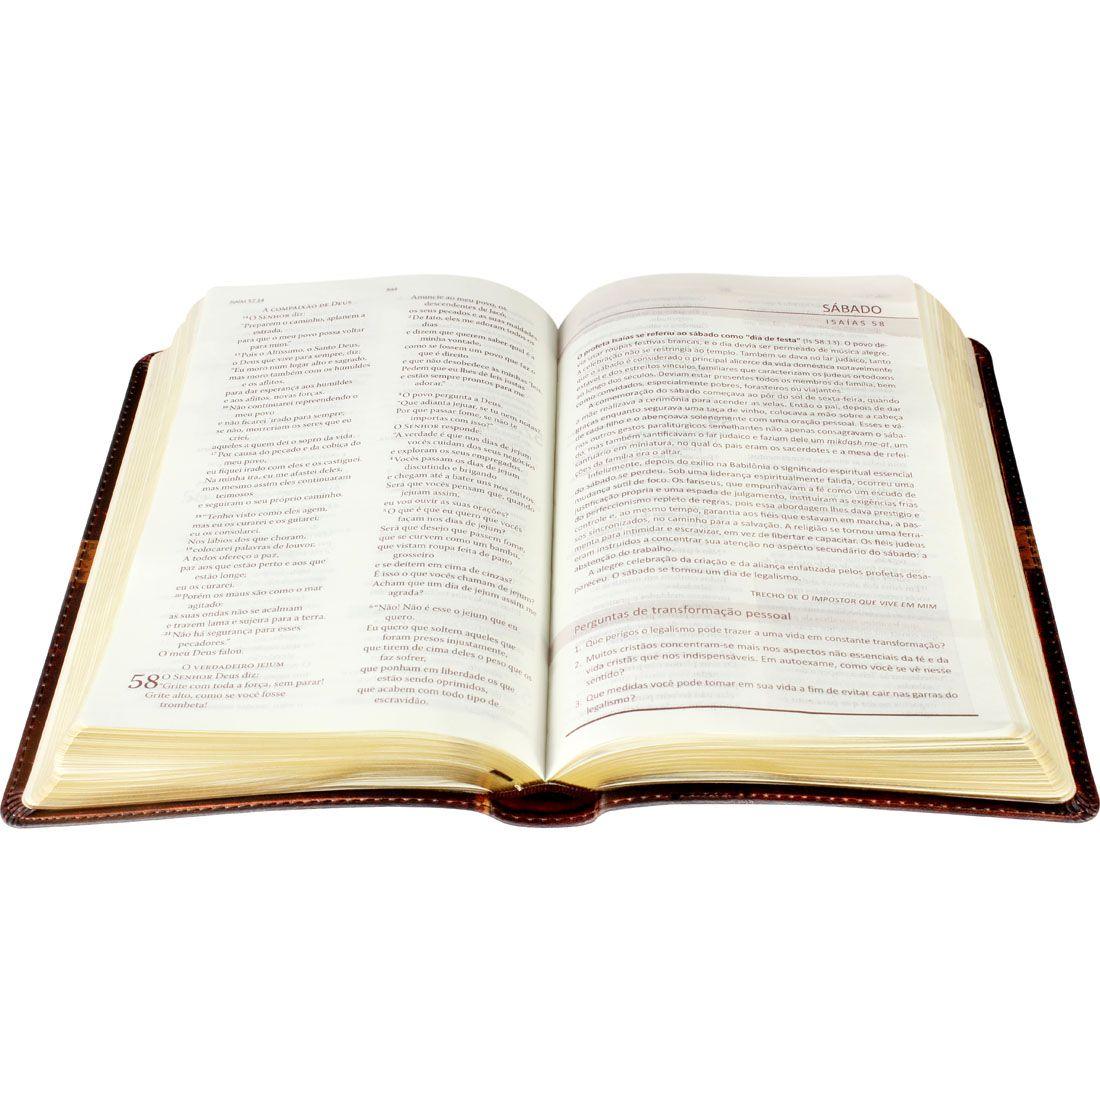 Bíblia de Transformação Pessoal Nova Tradução na Linguagem de Hoje Capa Couro